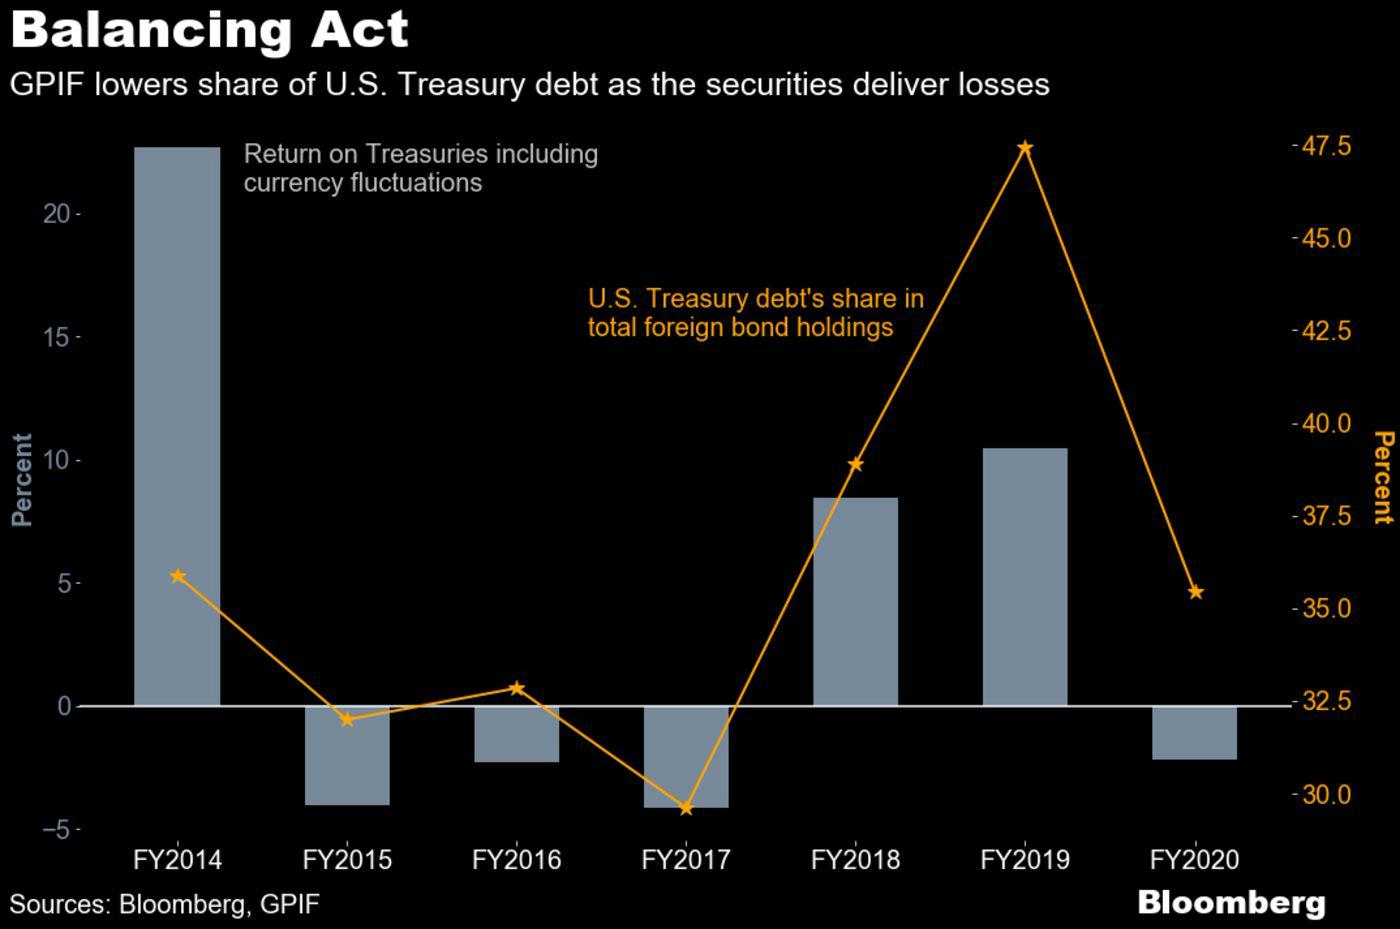 Quỹ hưu trí lớn nhất thế giới giảm tỷ lệ nắm giữ trái phiếu chính phủ Mỹ với tốc độ kỷ lục  - Ảnh 1.